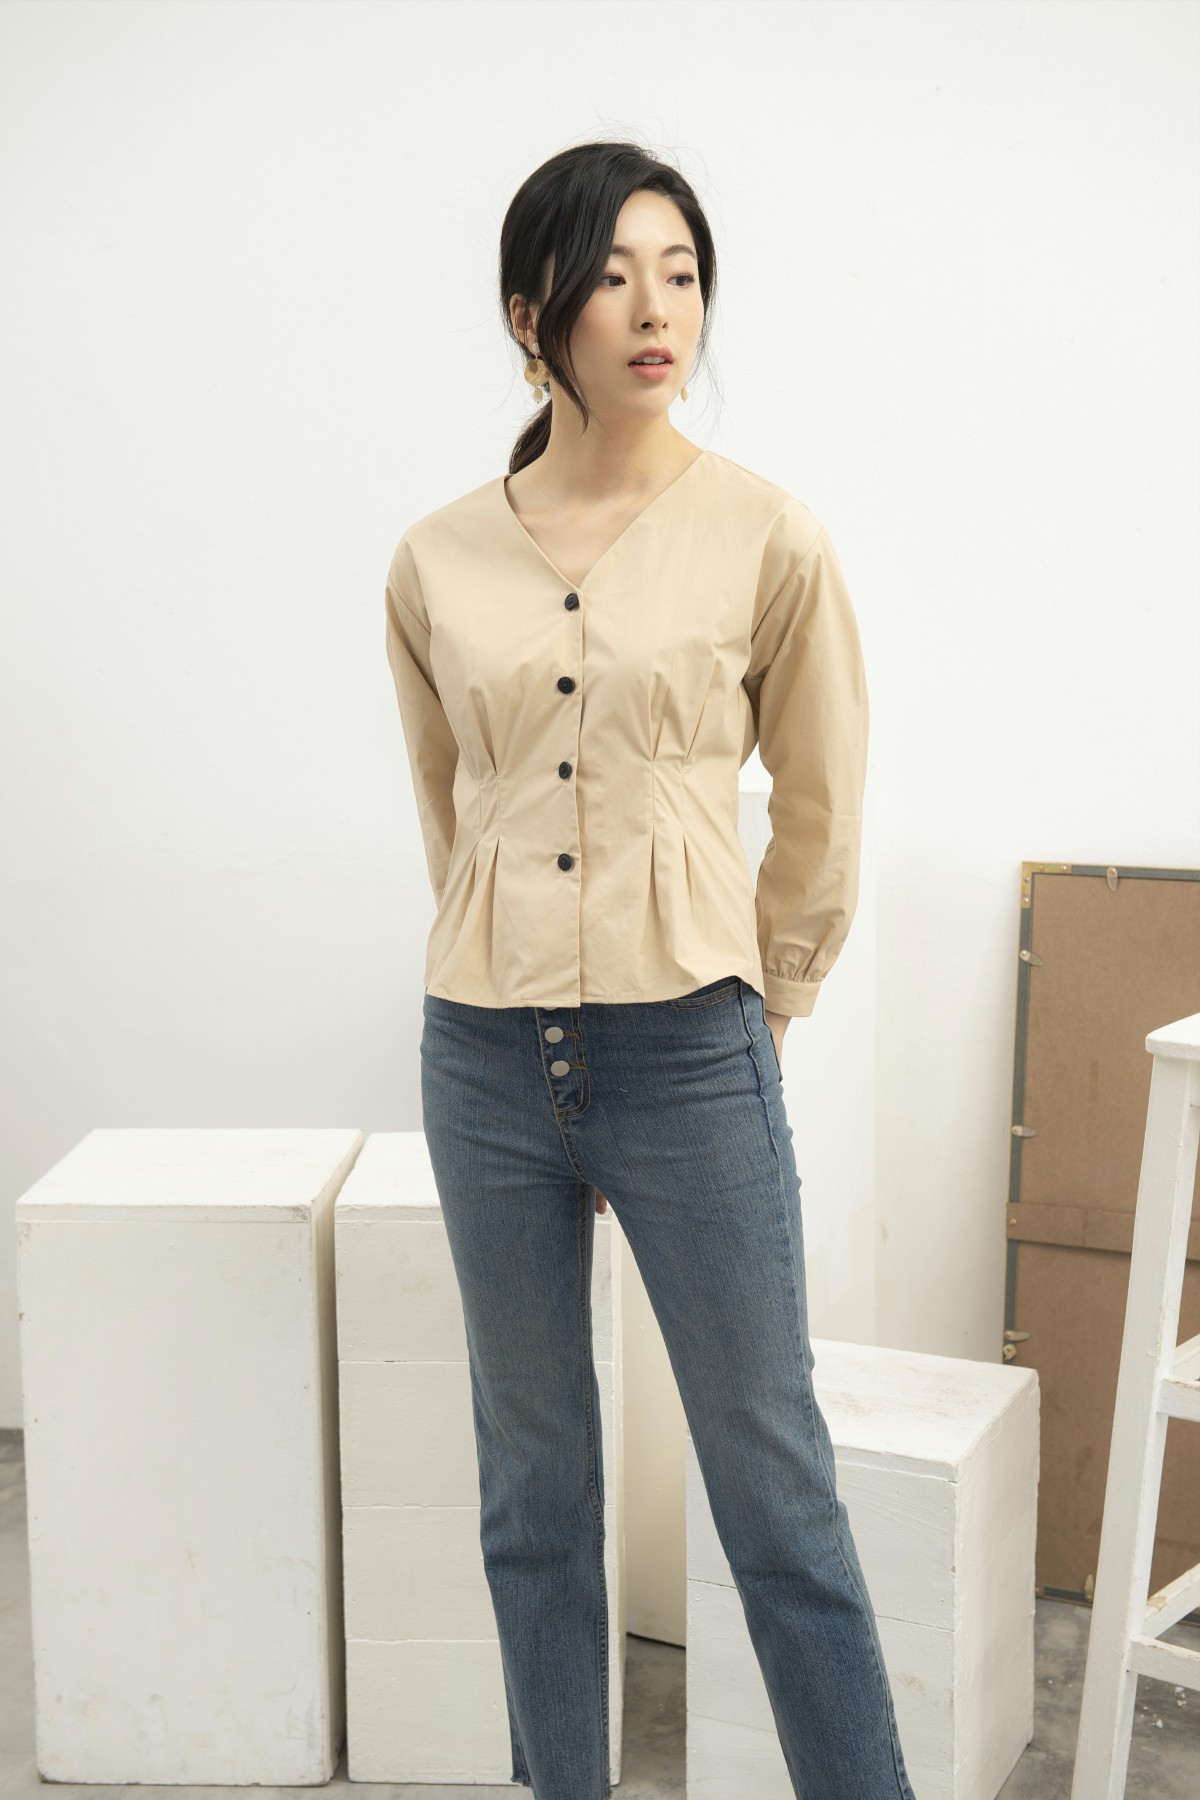 Jeans - Quần jeans